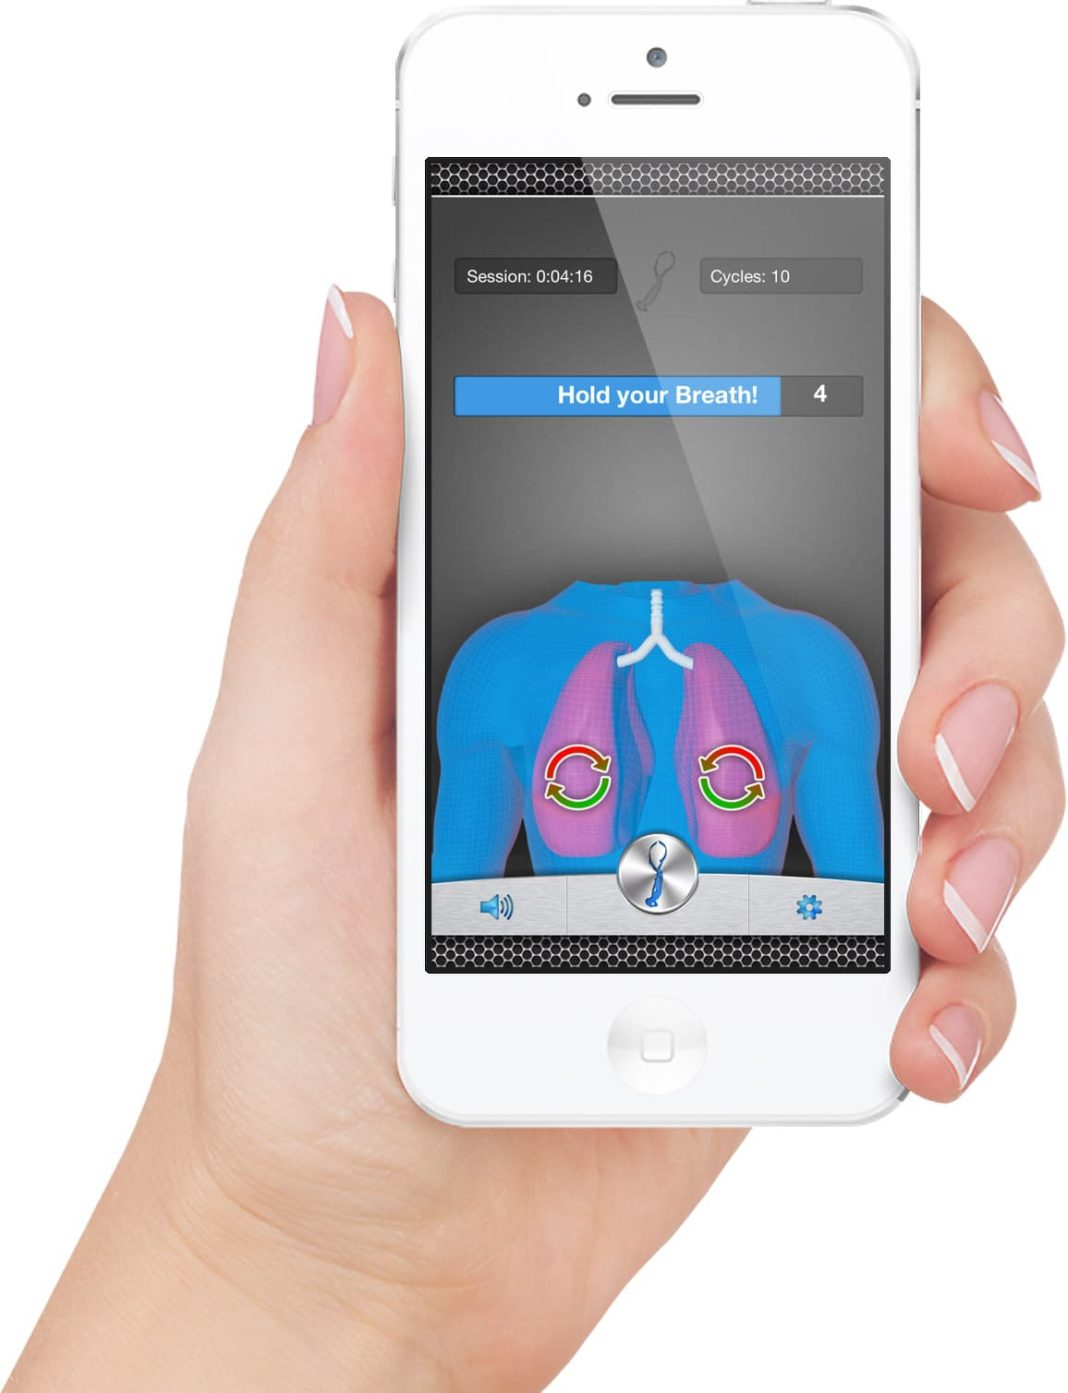 Apnea Trainer App